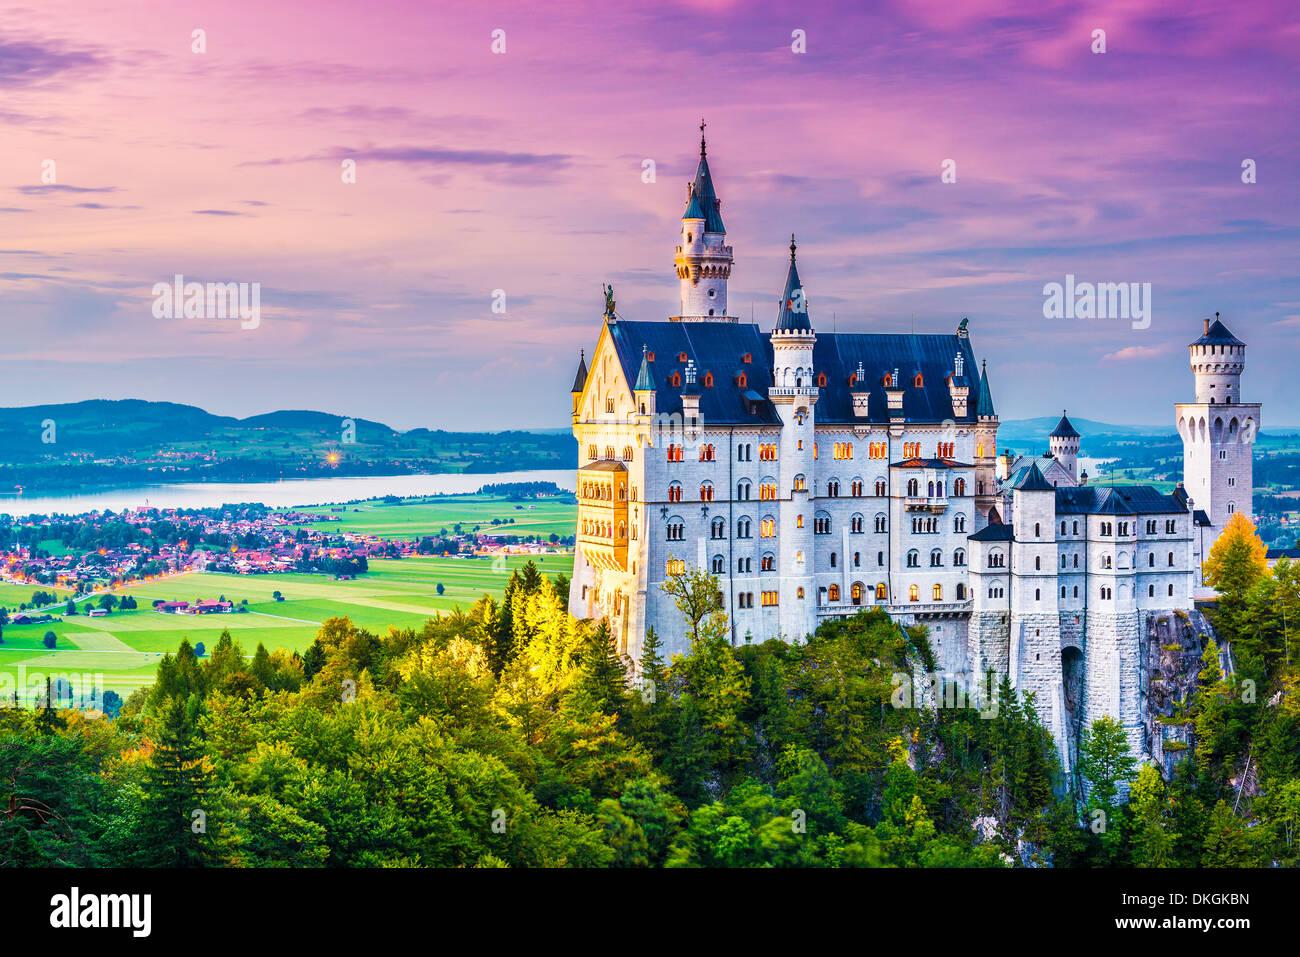 El castillo de Neuschwanstein en Alemania. Imagen De Stock